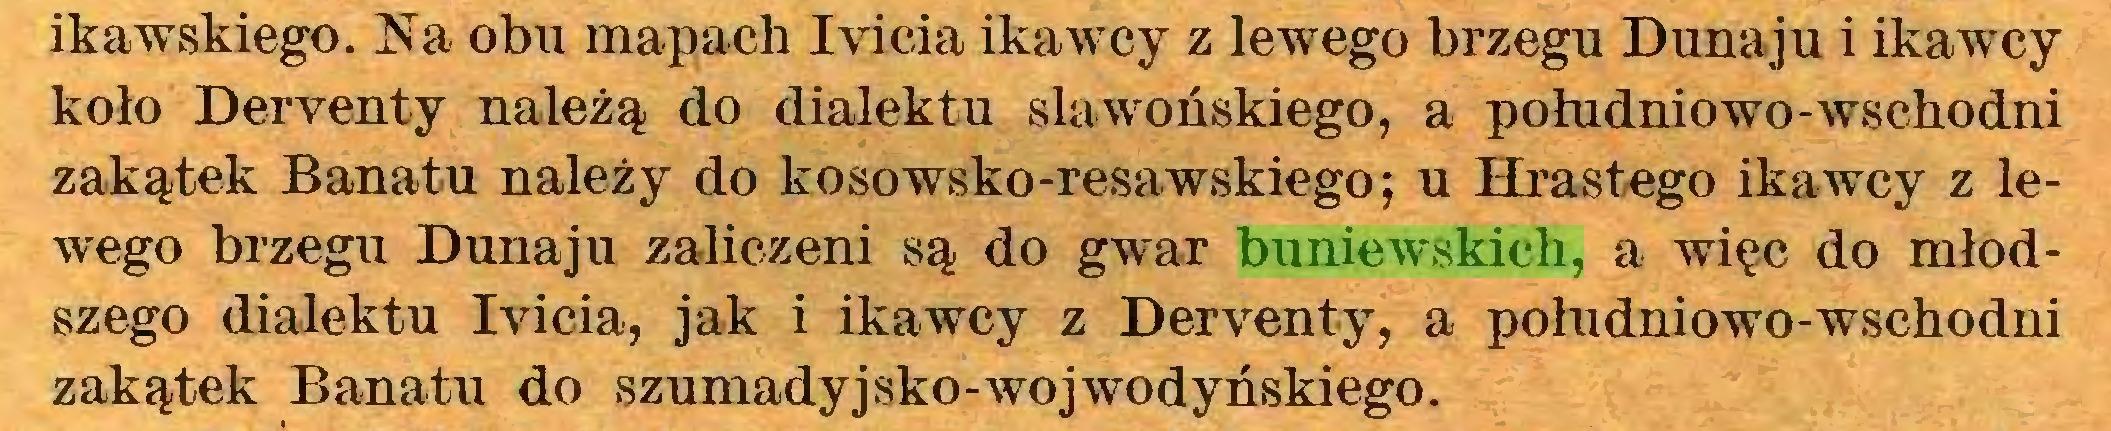 (...) ikawskiego. Na obu mapach Iyicia ikawcy z lewego brzegu Dunaju i ikawcy koło Deryenty należą do dialektu slawońskiego, a południowo-wschodni zakątek Banatu należy do kosowsko-resawskiego; u Hrastego ikawcy z lewego brzegu Dunaju zaliczeni są do gwar buniewskich, a więc do młodszego dialektu Ivicia, jak i ikawcy z Deryenty, a południowo-wschodni zakątek Banatu do szumadyjsko-wojwodyńskiego...